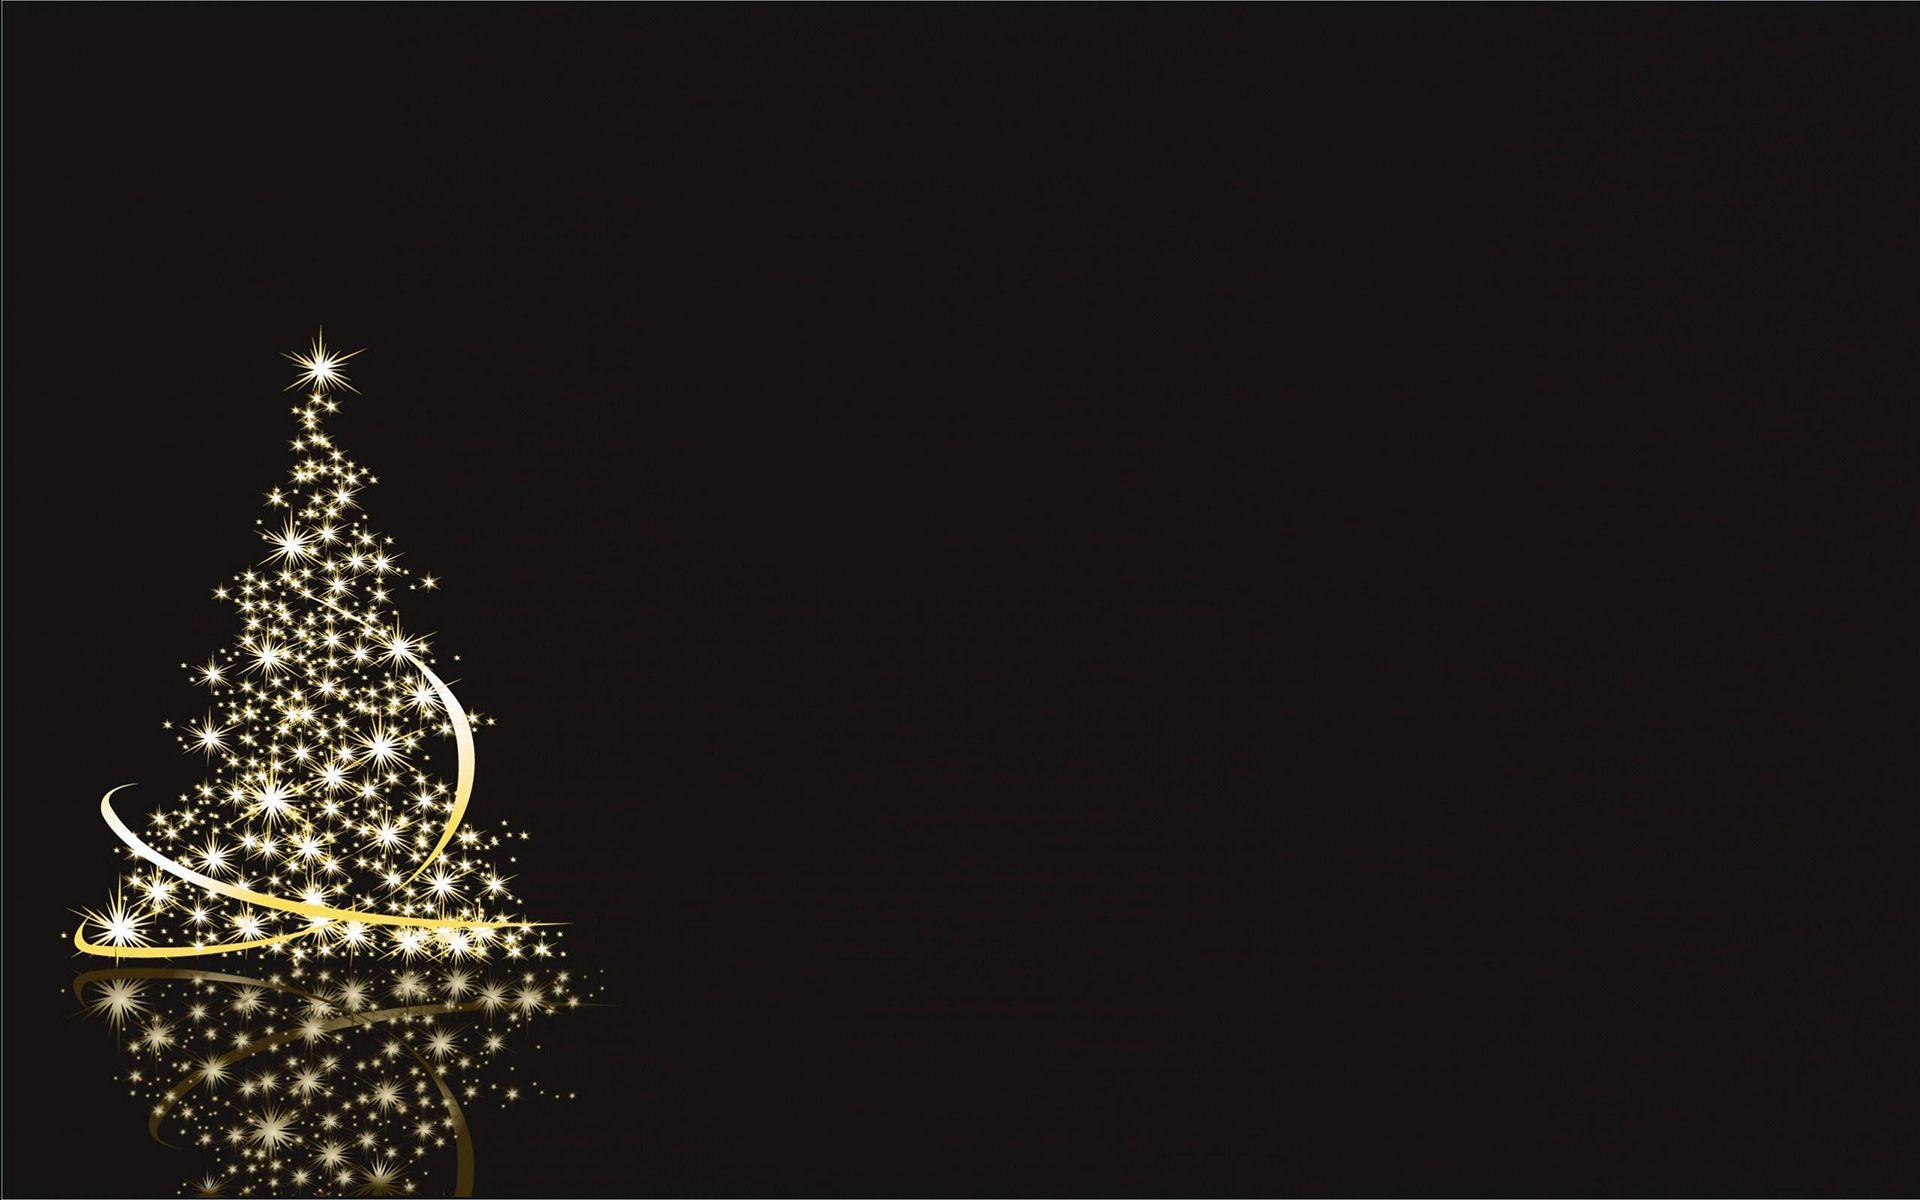 Christmas Chriatmasimage Lights Christmastree Christmas Wallpaper Hd Christmas Tree Wallpaper Amazing Christmas Trees